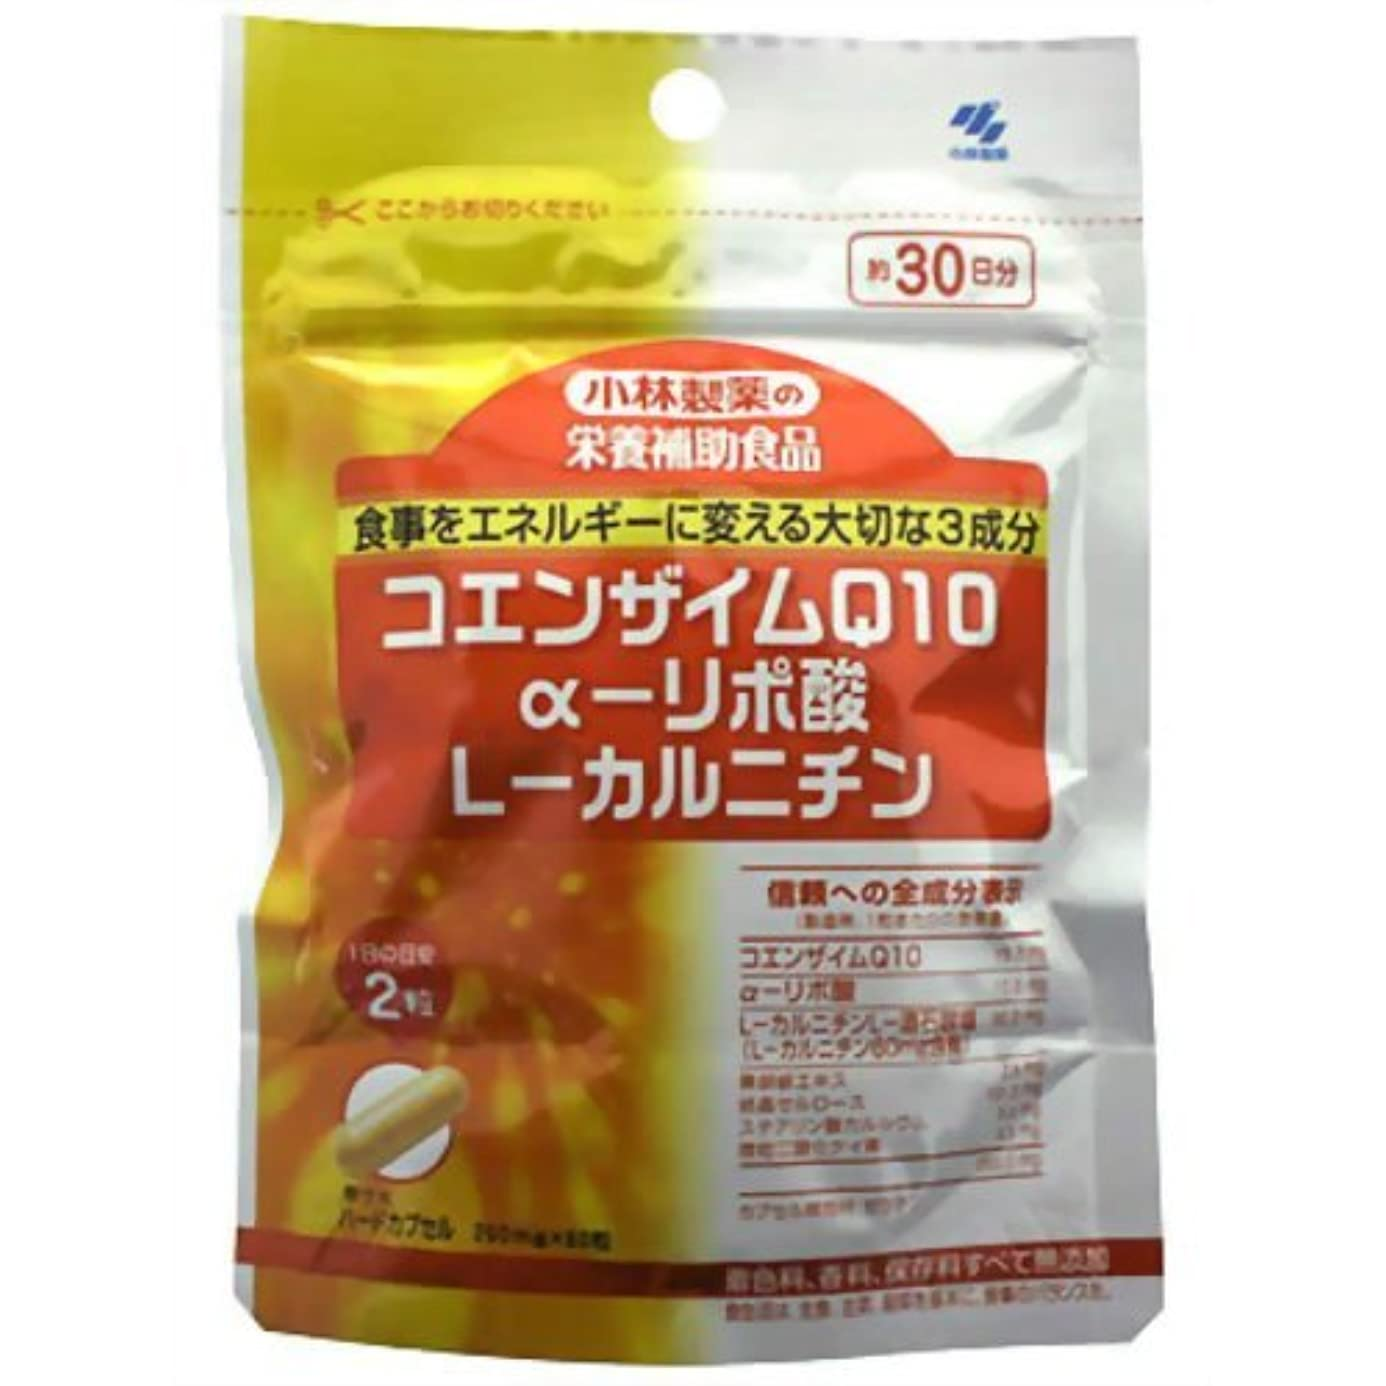 固執スタイル対話小林製薬の栄養補助食品 CoQ10+αリポ酸+Lカルニチン 60粒